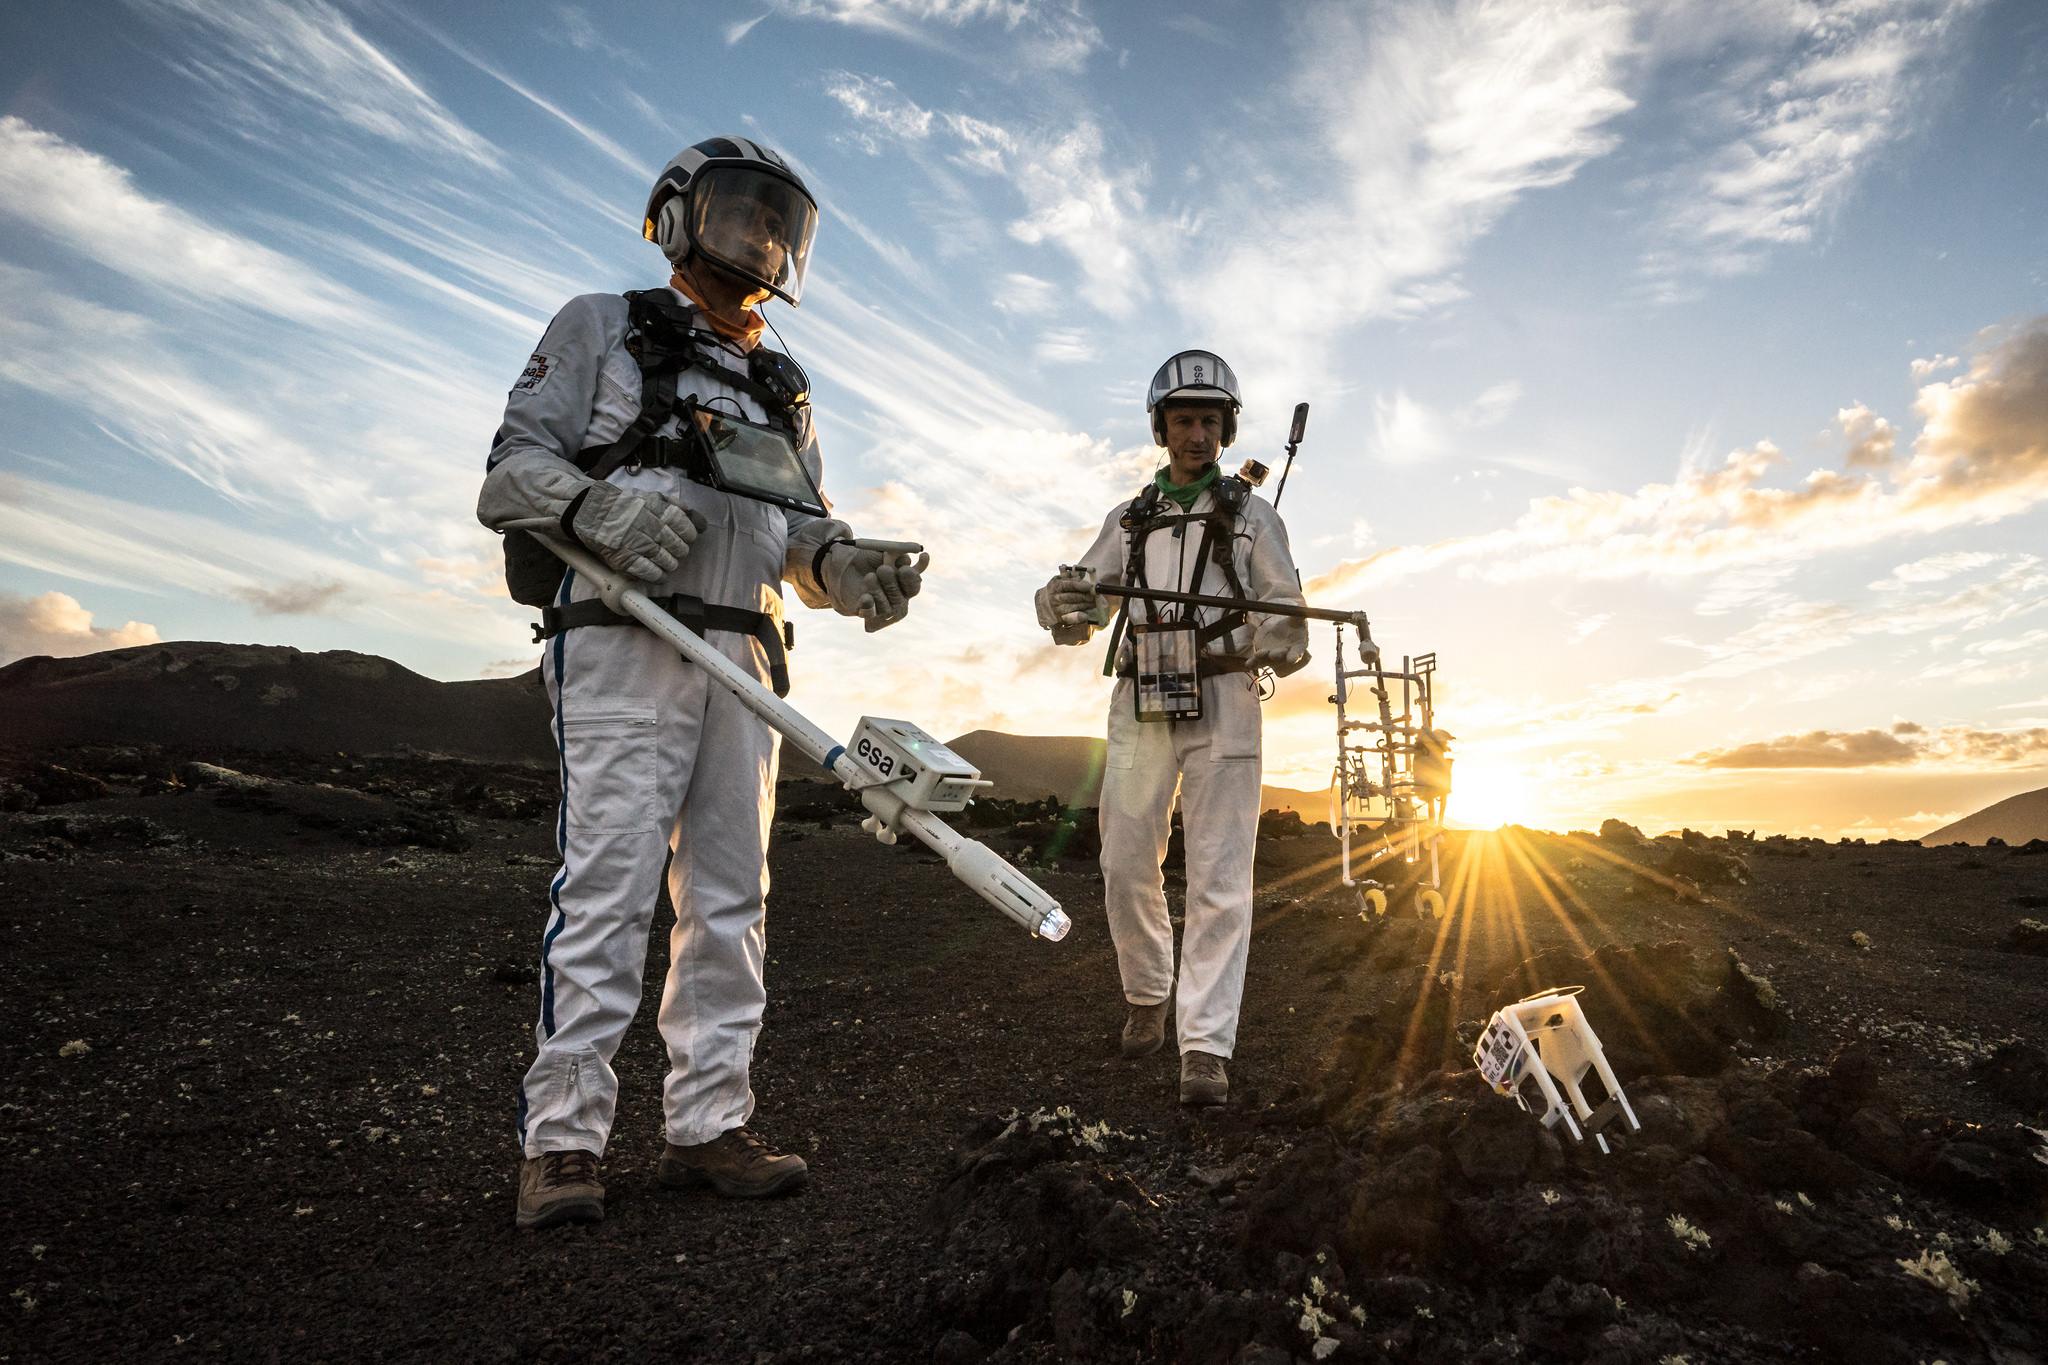 Preparing astronaut lunar exploration